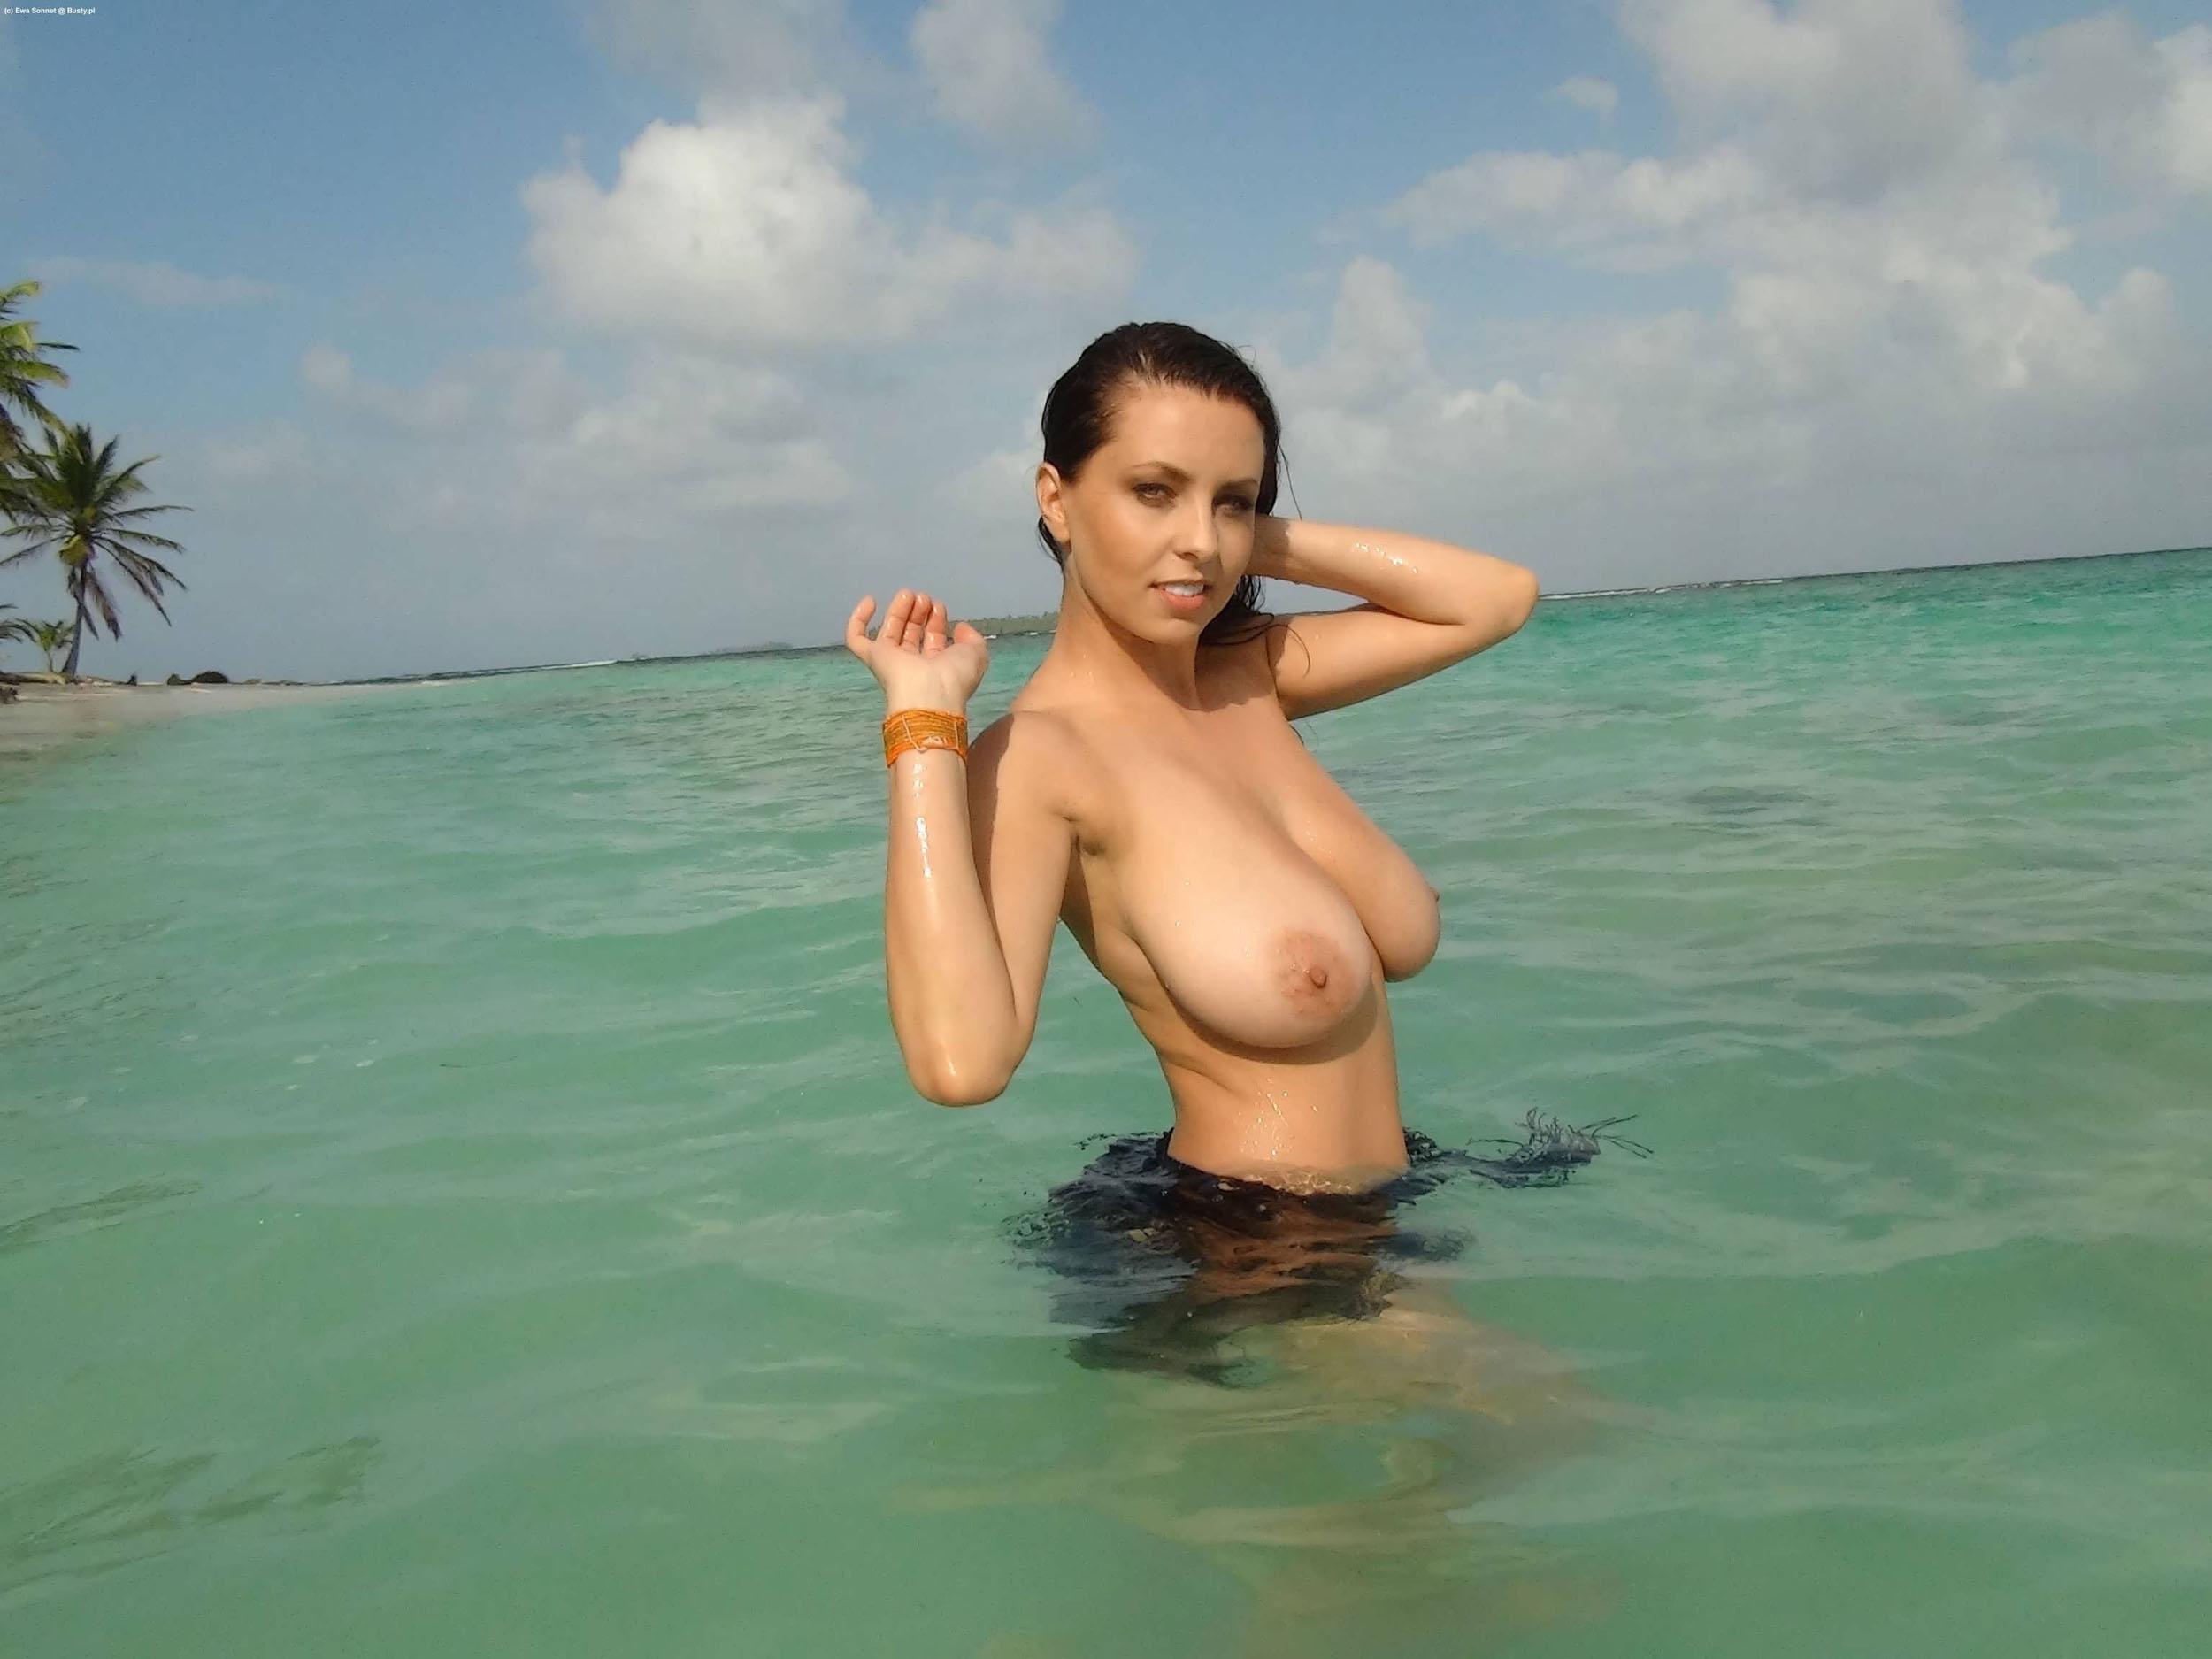 Эва шикульска nude 3 фотография